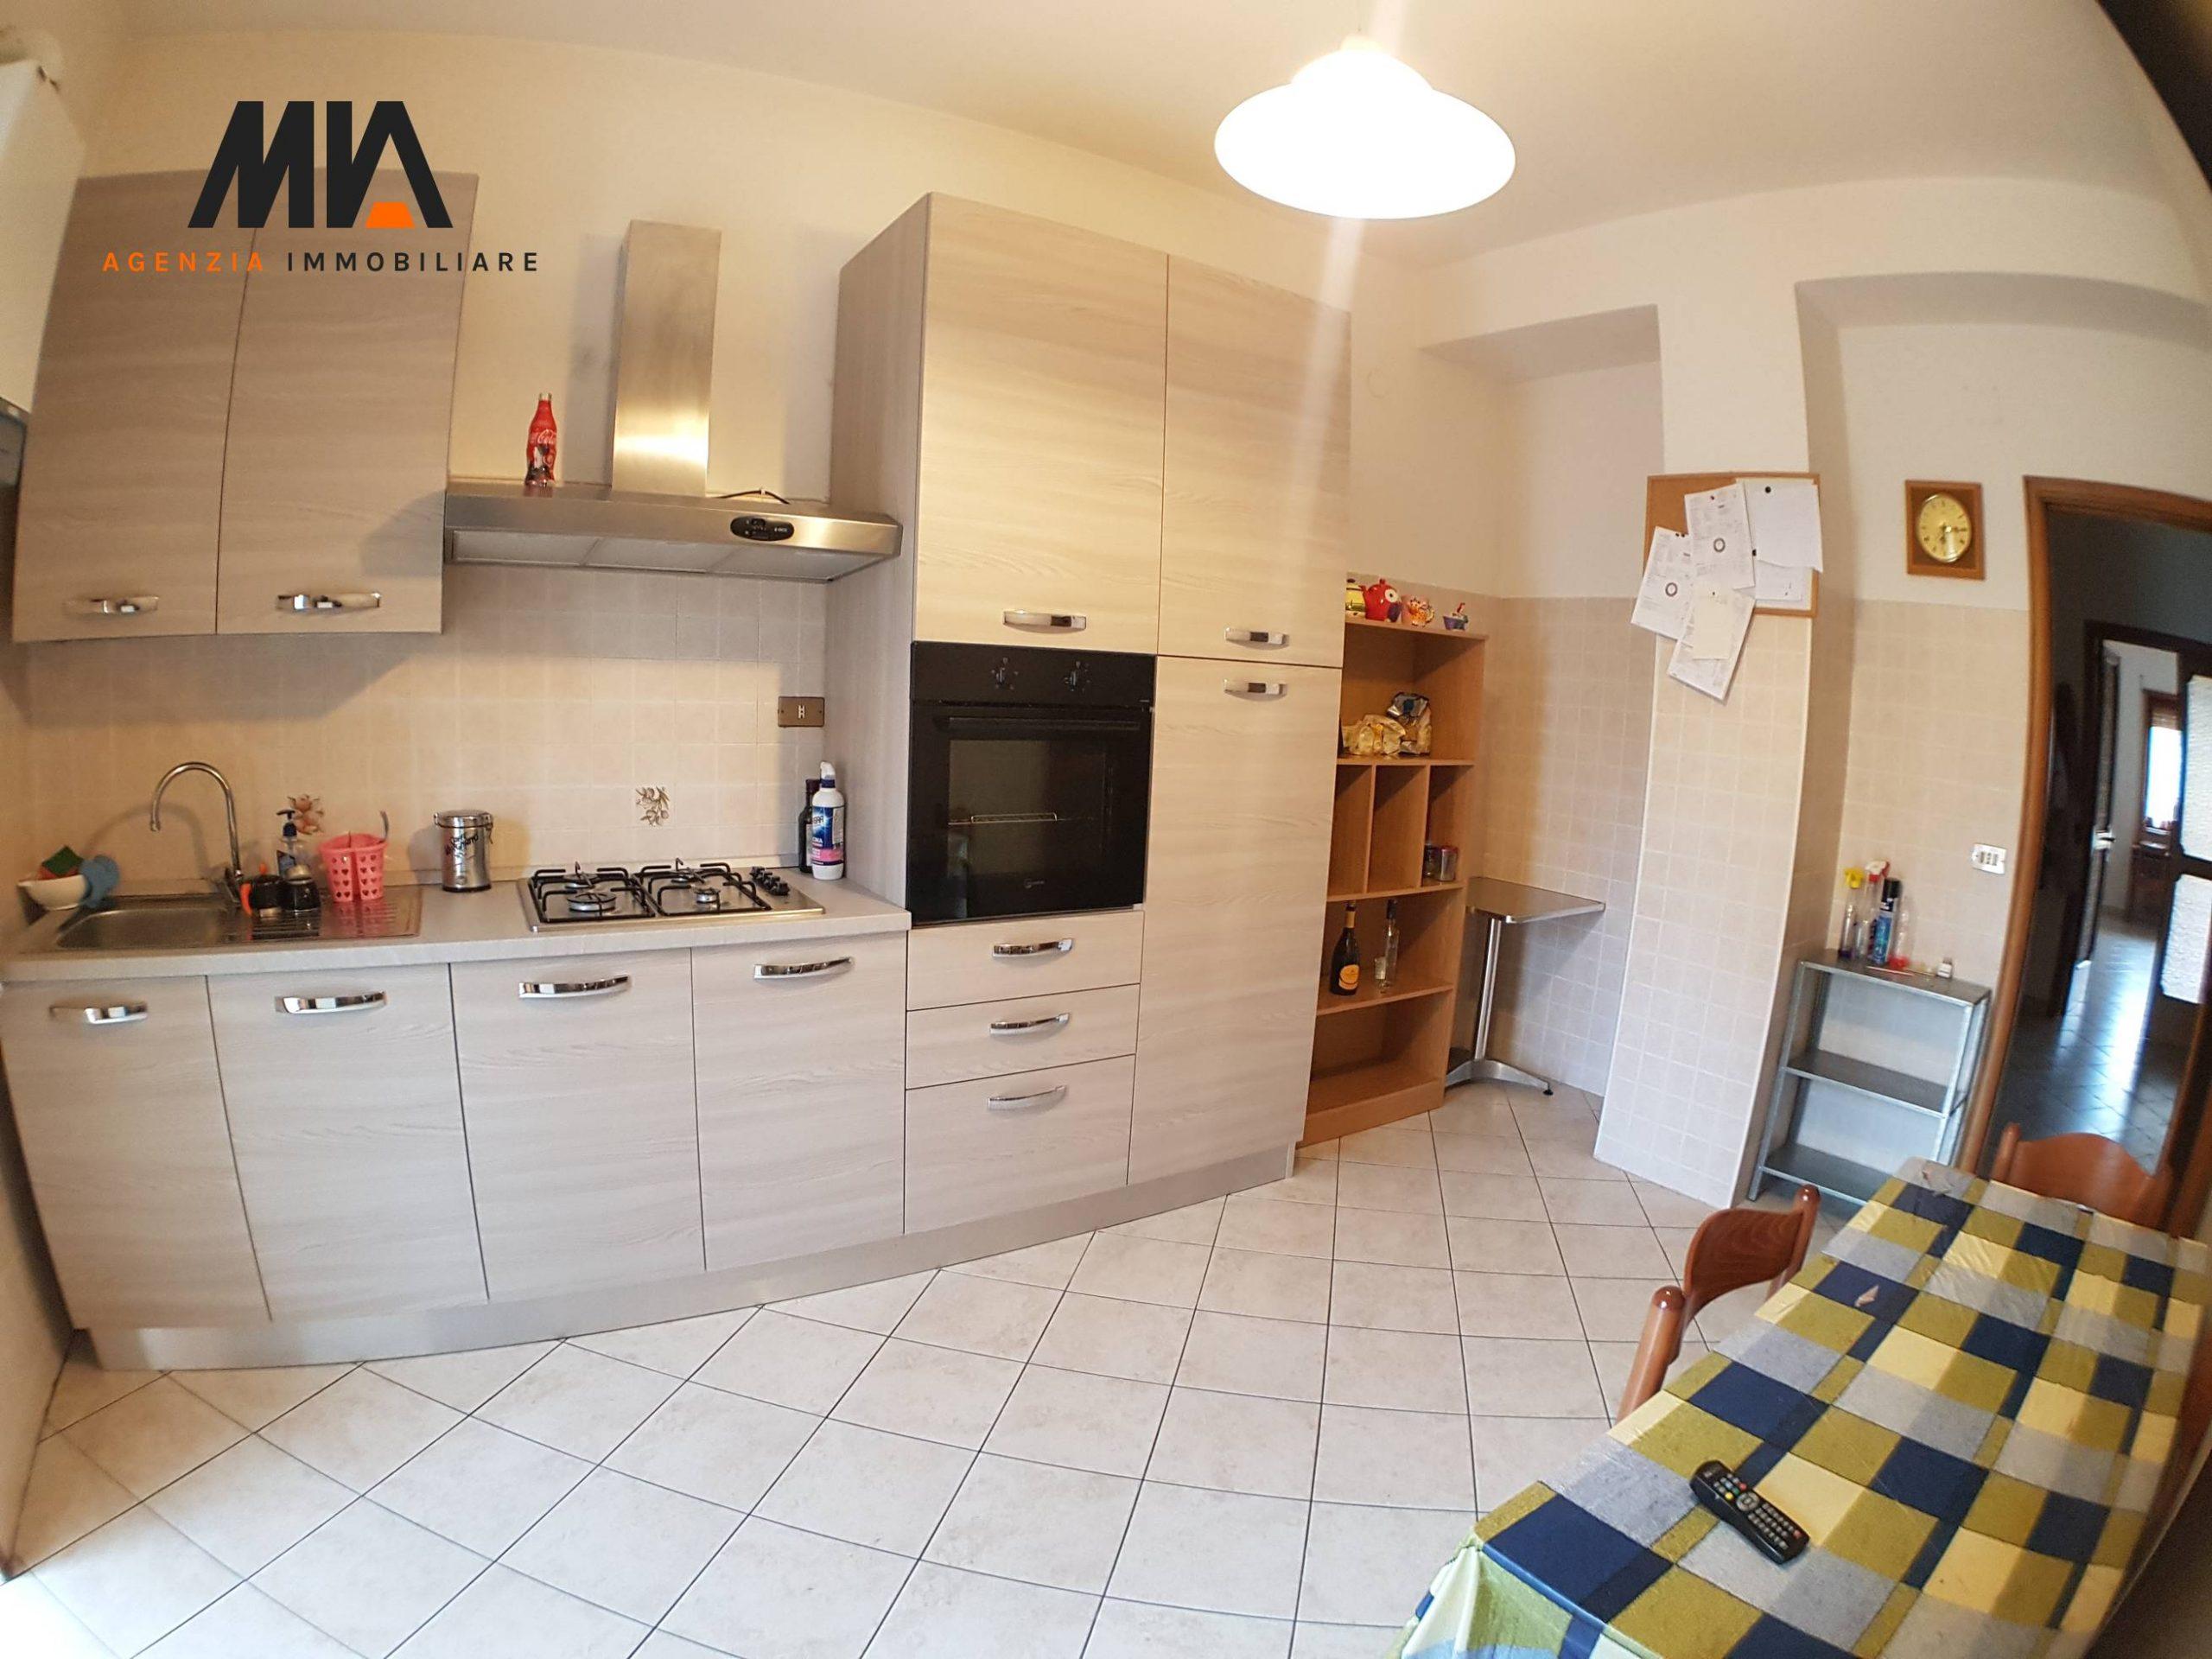 AFFITTO: Ultima ampia stanza appartamento servitissimo Torrione 50 metri Coop